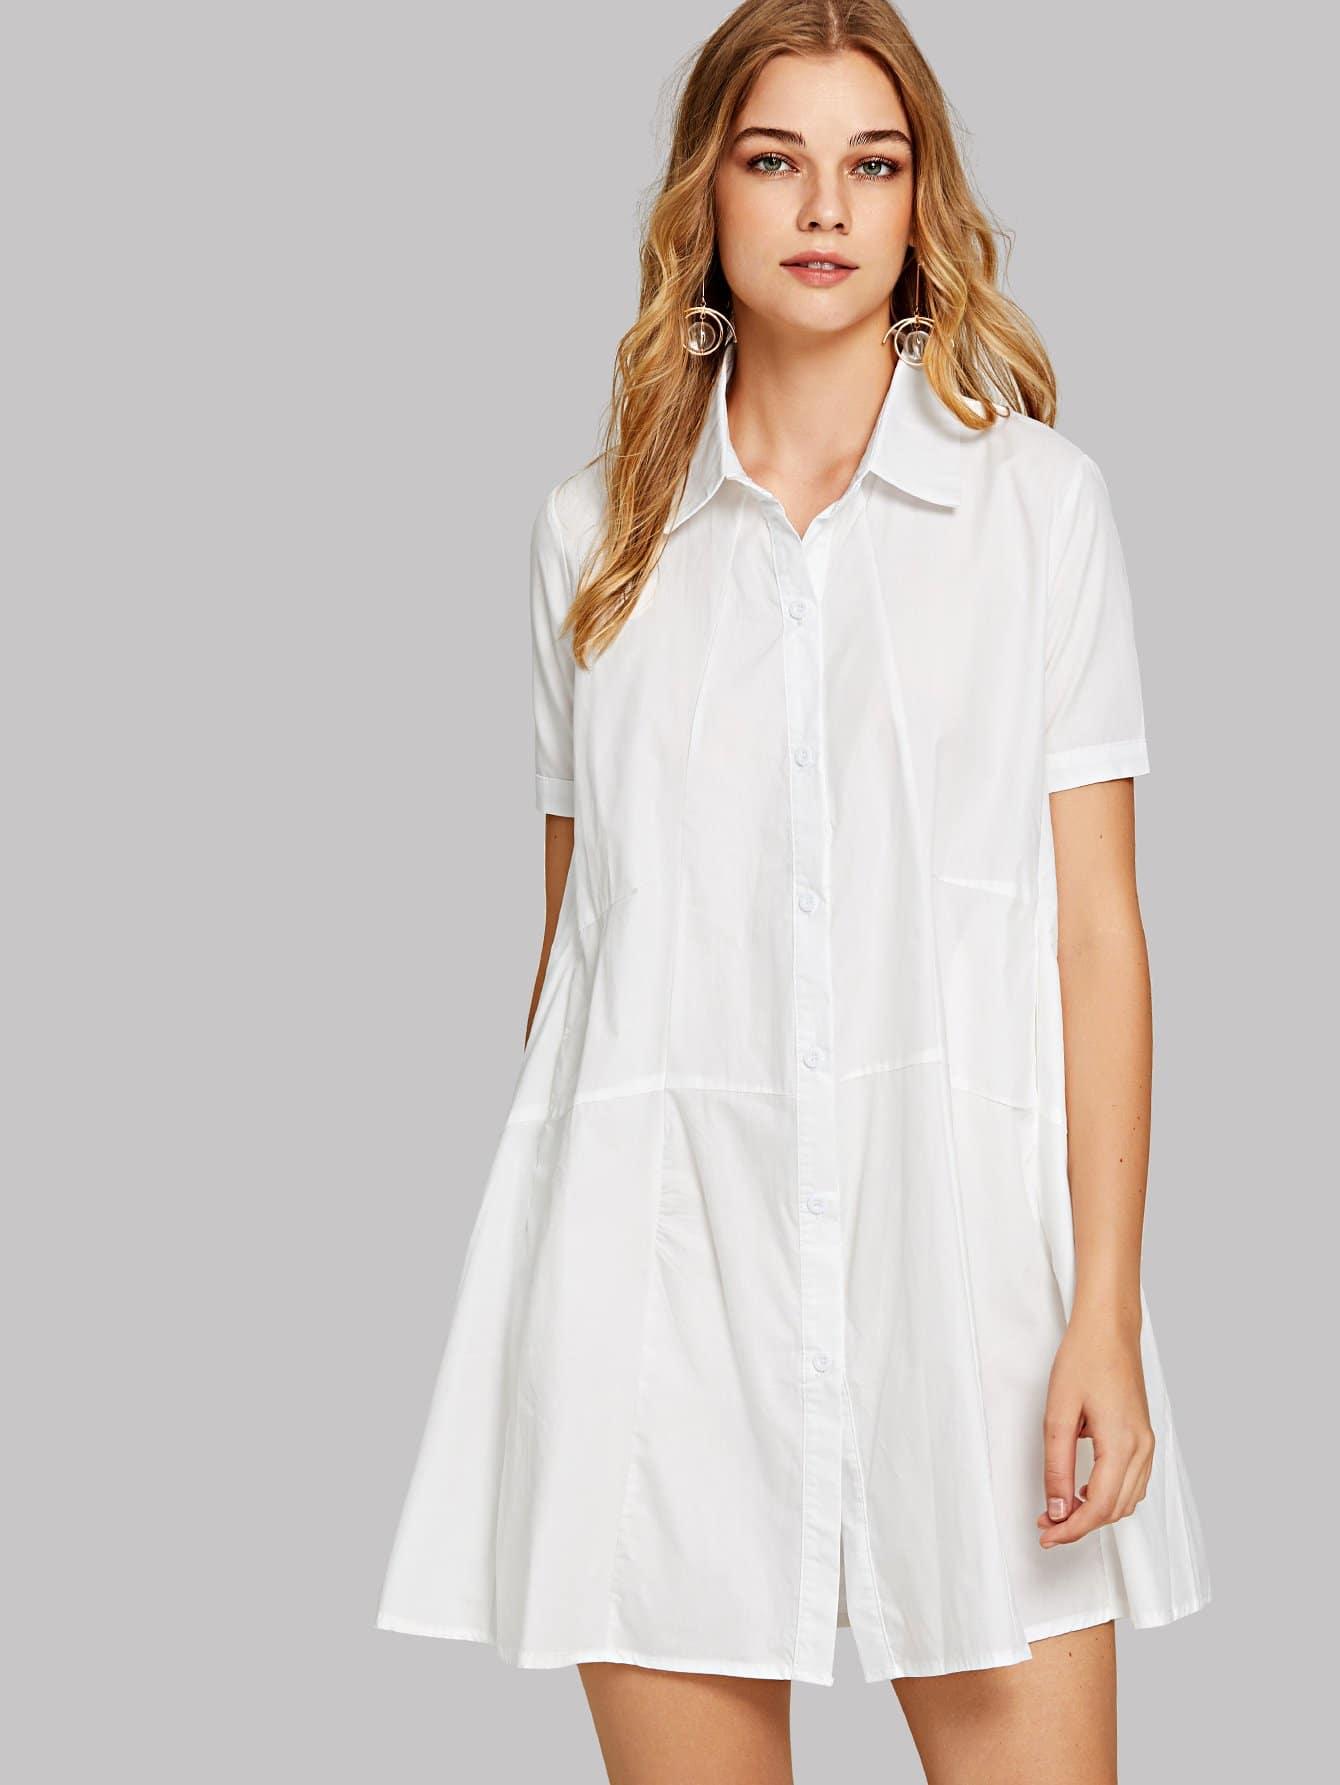 Купить Платье рубашка с короткими рукавами и пуговицами, Teresa, SheIn